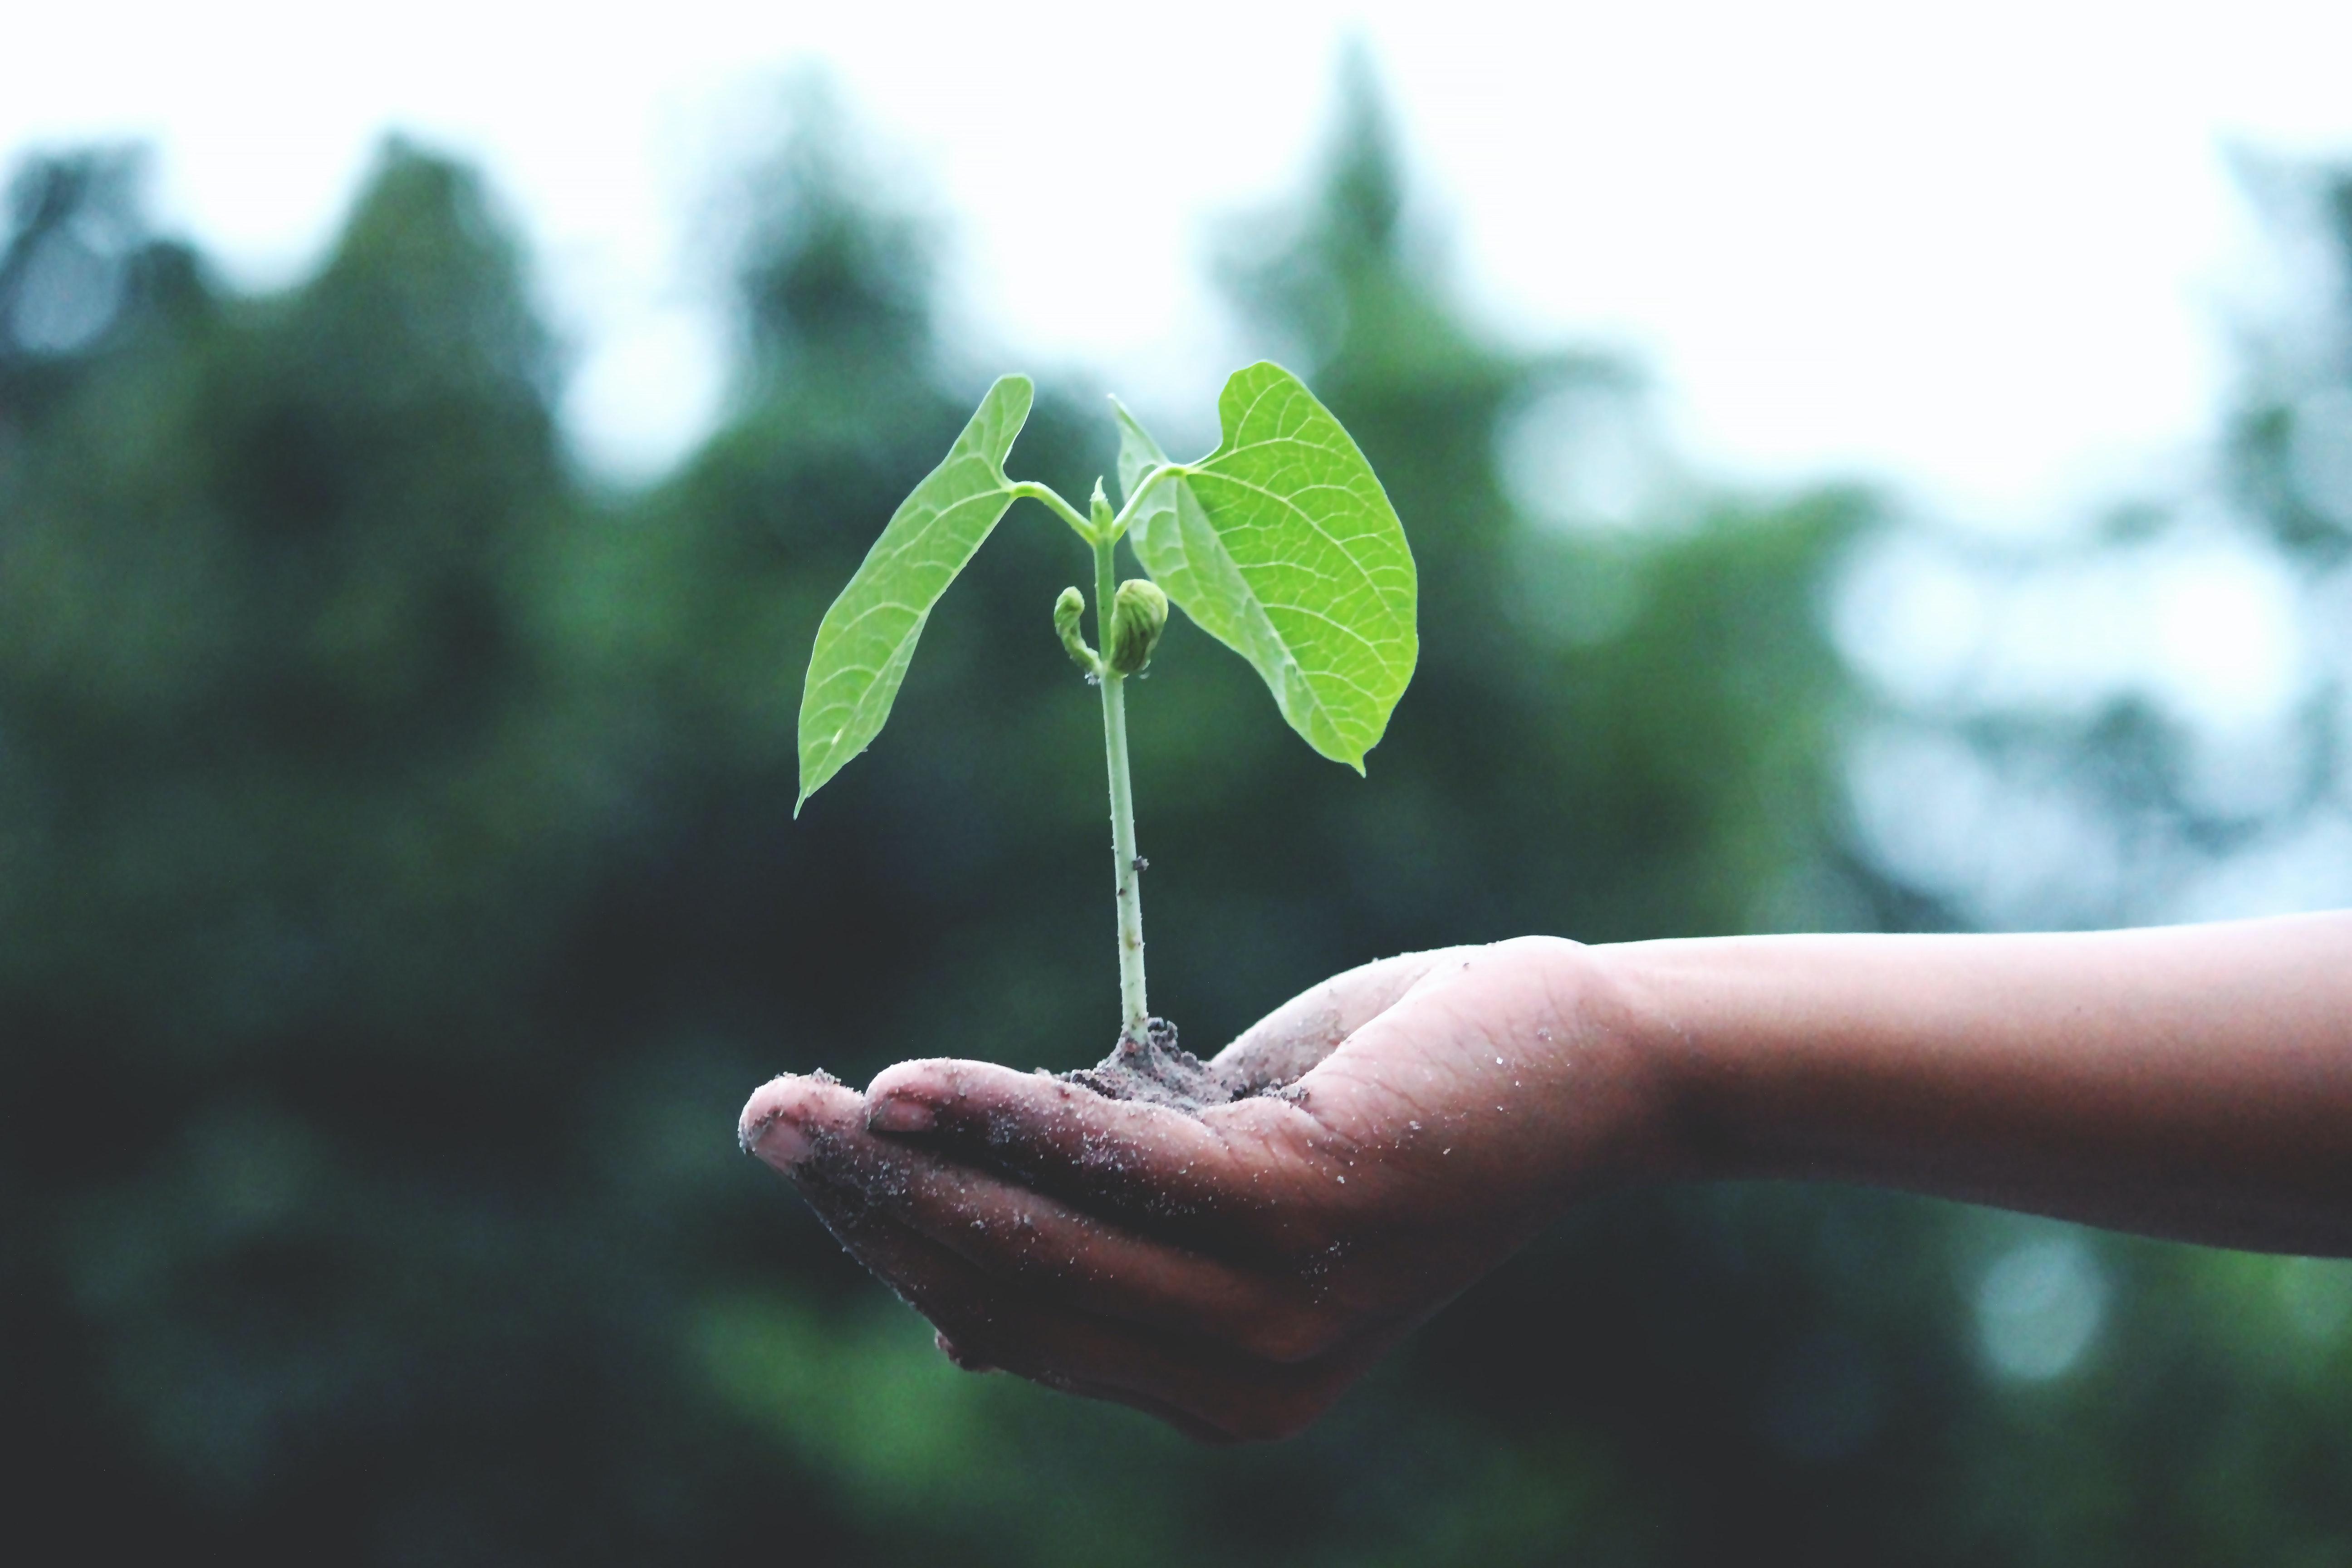 Кейс: как увеличить прибыль интернет-магазина семян и саженцев